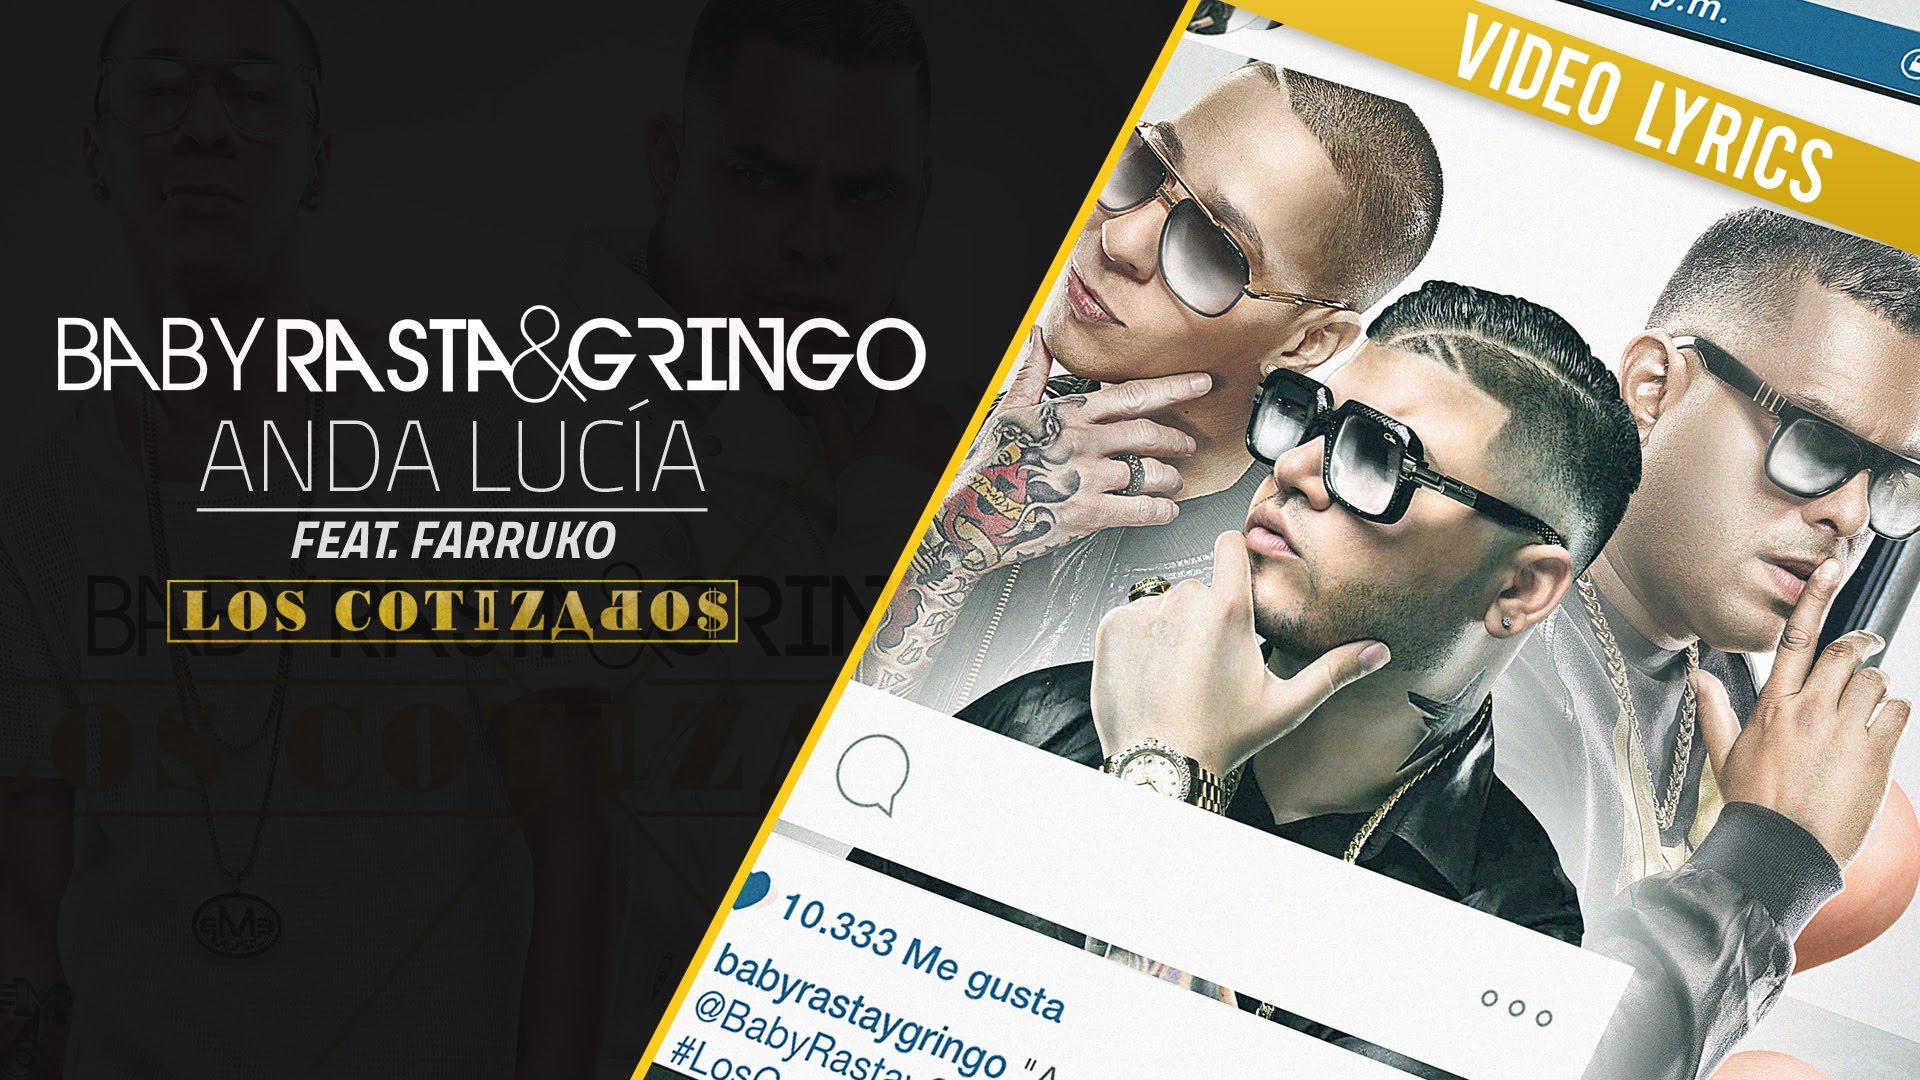 dos millones de visitas para el - ¡Dos millones de visitas! para el vídeo lyric Anda Lucia de baby Rasta & Gringo junto a Farruko